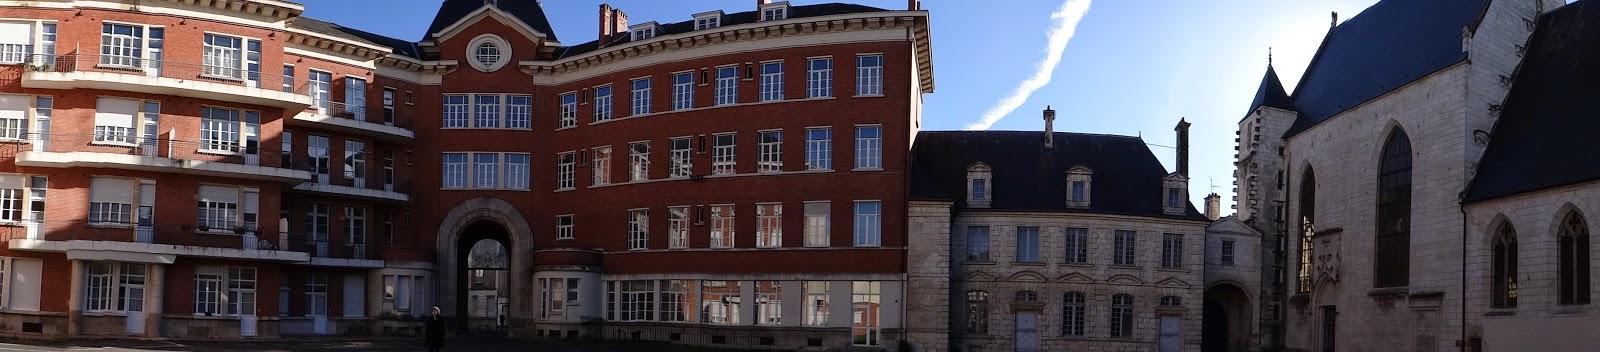 Patrimoine hospitalier l h tel dieu de bourges audrey for Hotel burgeis